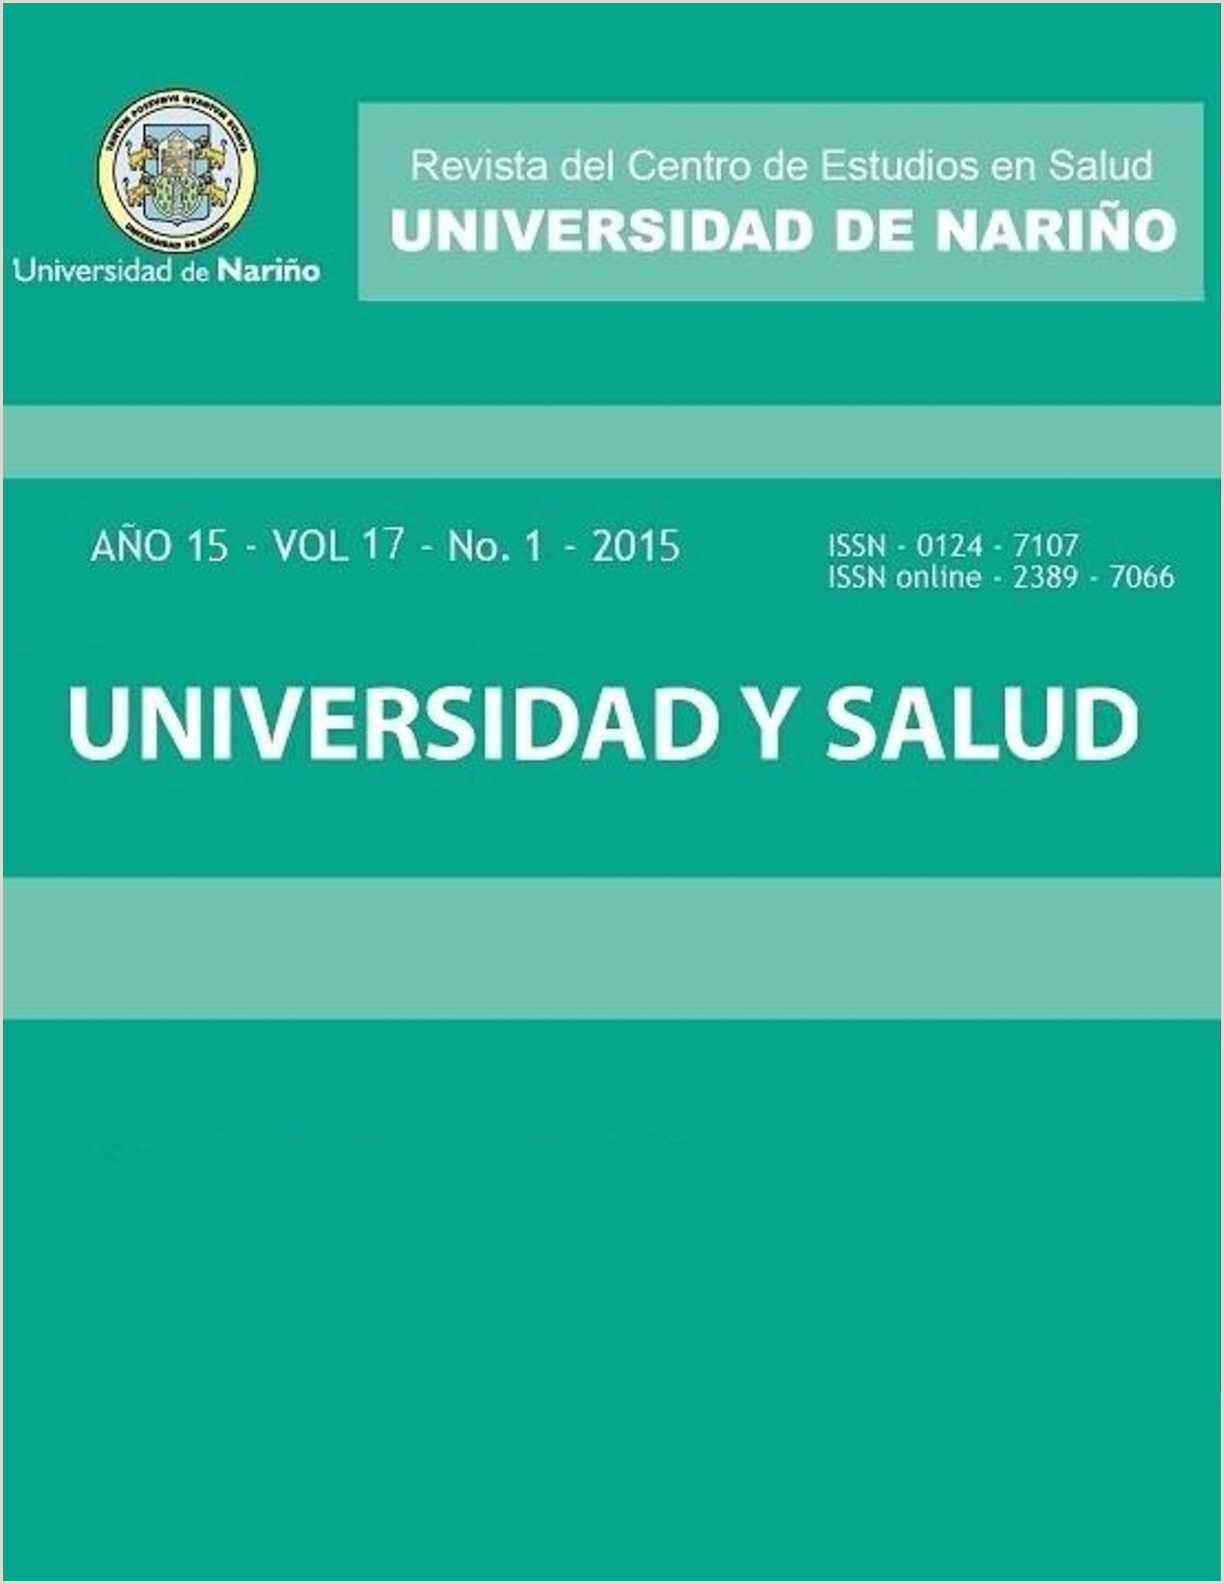 Descargar Hoja De Vida Editable 1003 Calaméo Revista Universidad Y Salud Vol 17 No 1 2015